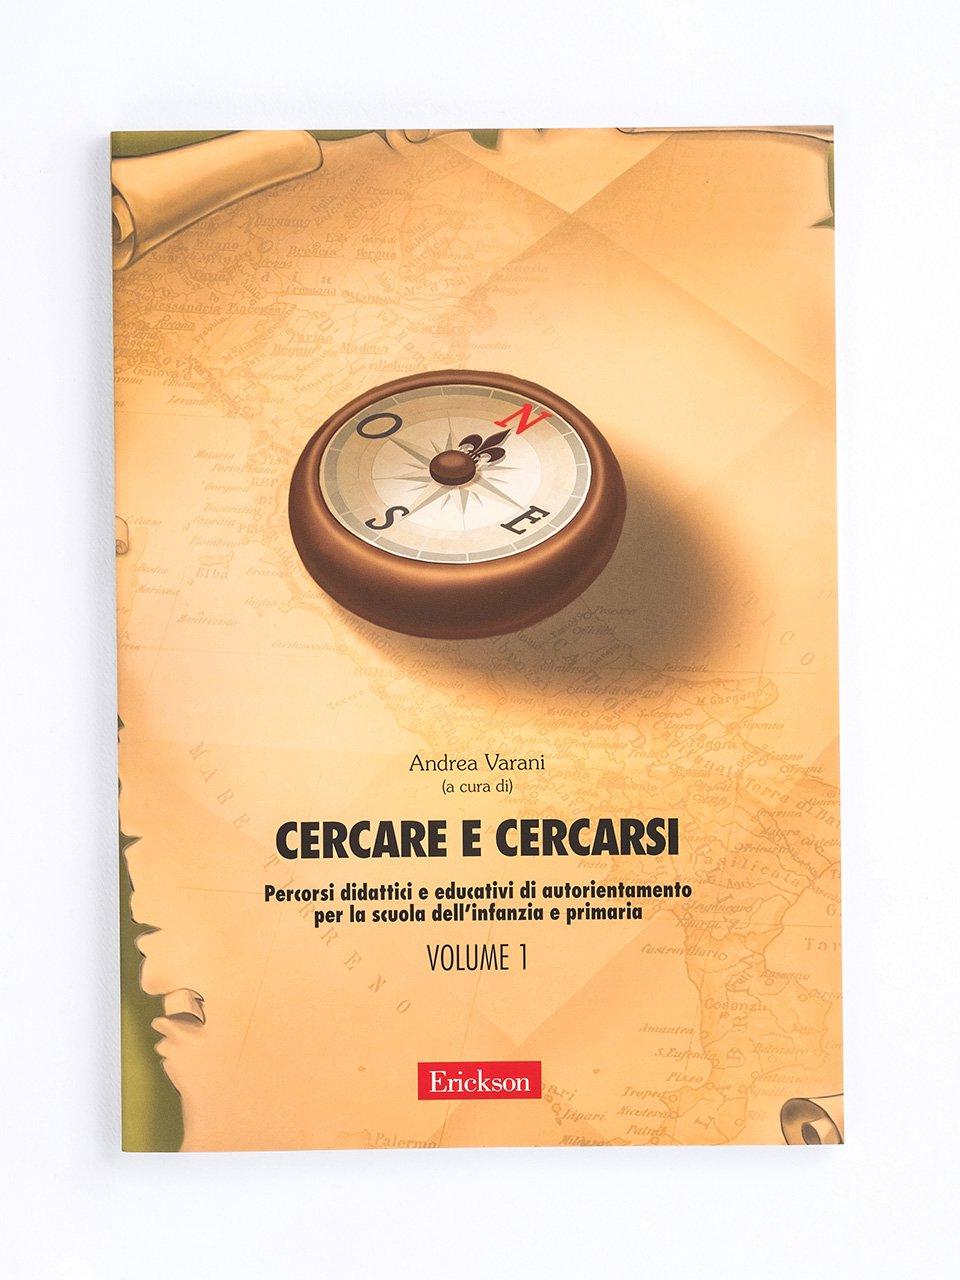 Cercare e cercarsi - Volume 1 - Il Servizio Civile tra valori civici e competenze  - Libri - Erickson